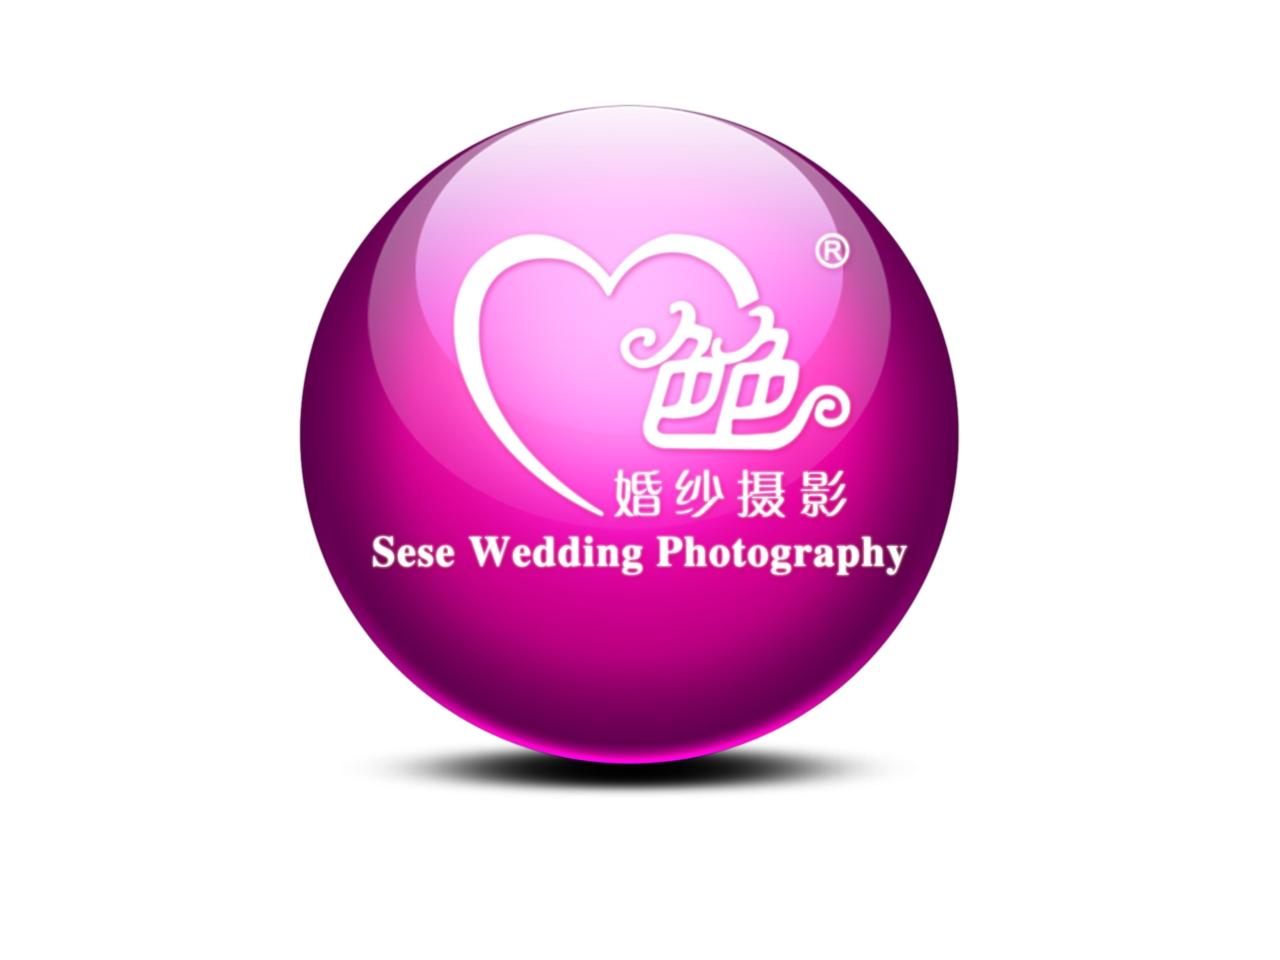 惠州黄山色色婚纱影楼